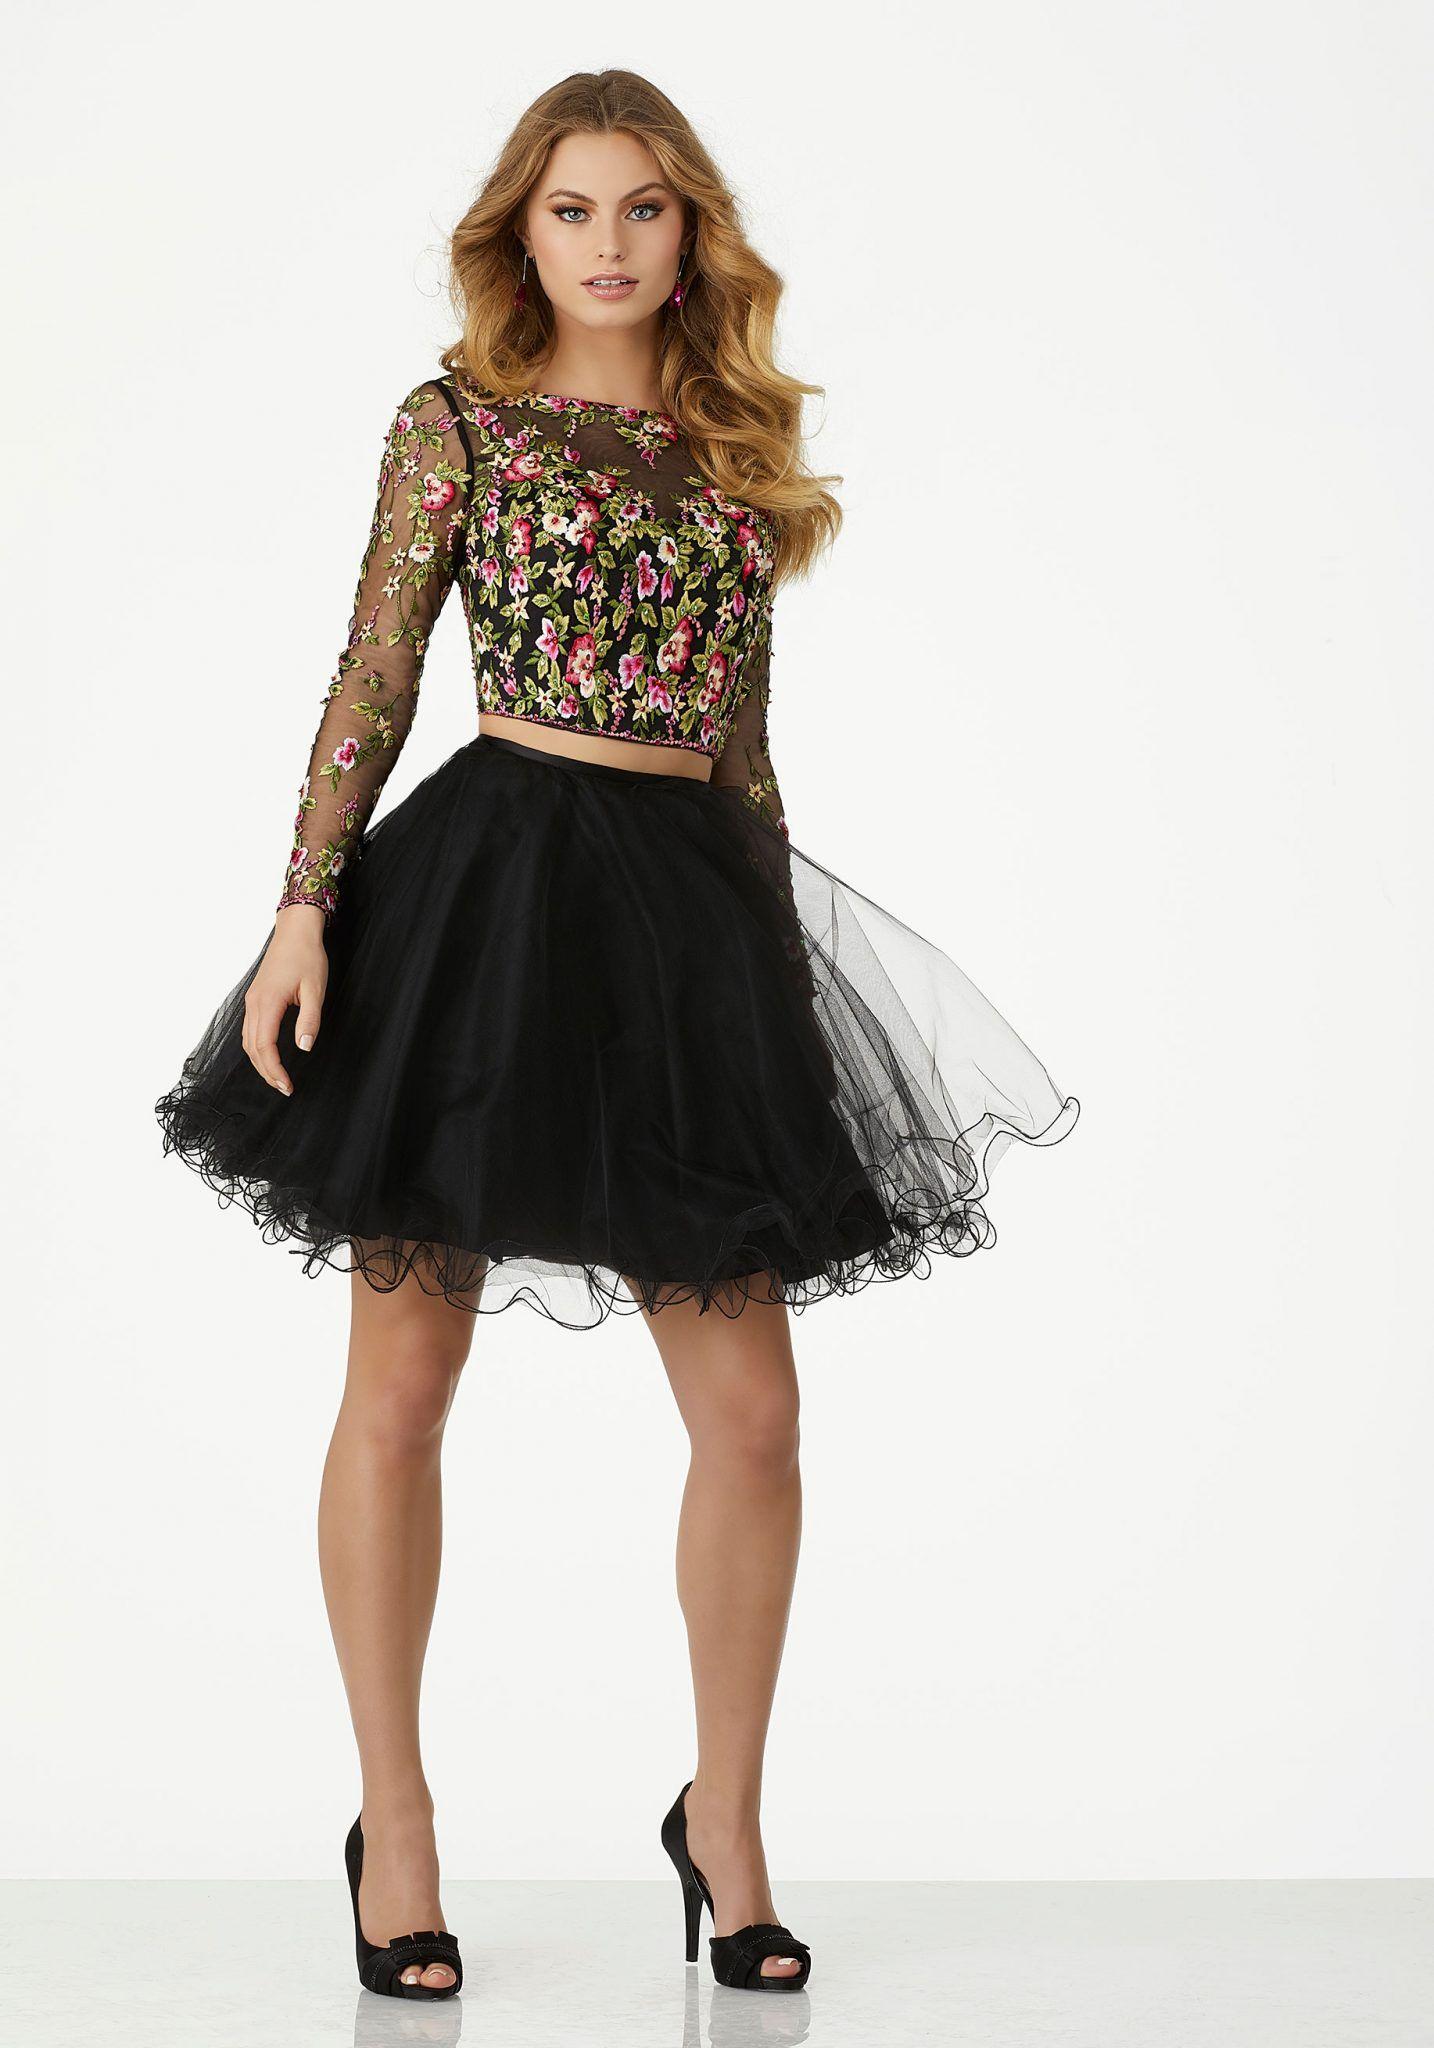 2020 Klos Abiye Elbise Kisa Gece Elbiseleri Siyah Uzun Kollu Tul Etek Nakis Islemeli Mezunlar Gecesi Elbiseleri Kisa Elbiseler Parti Elbisesi